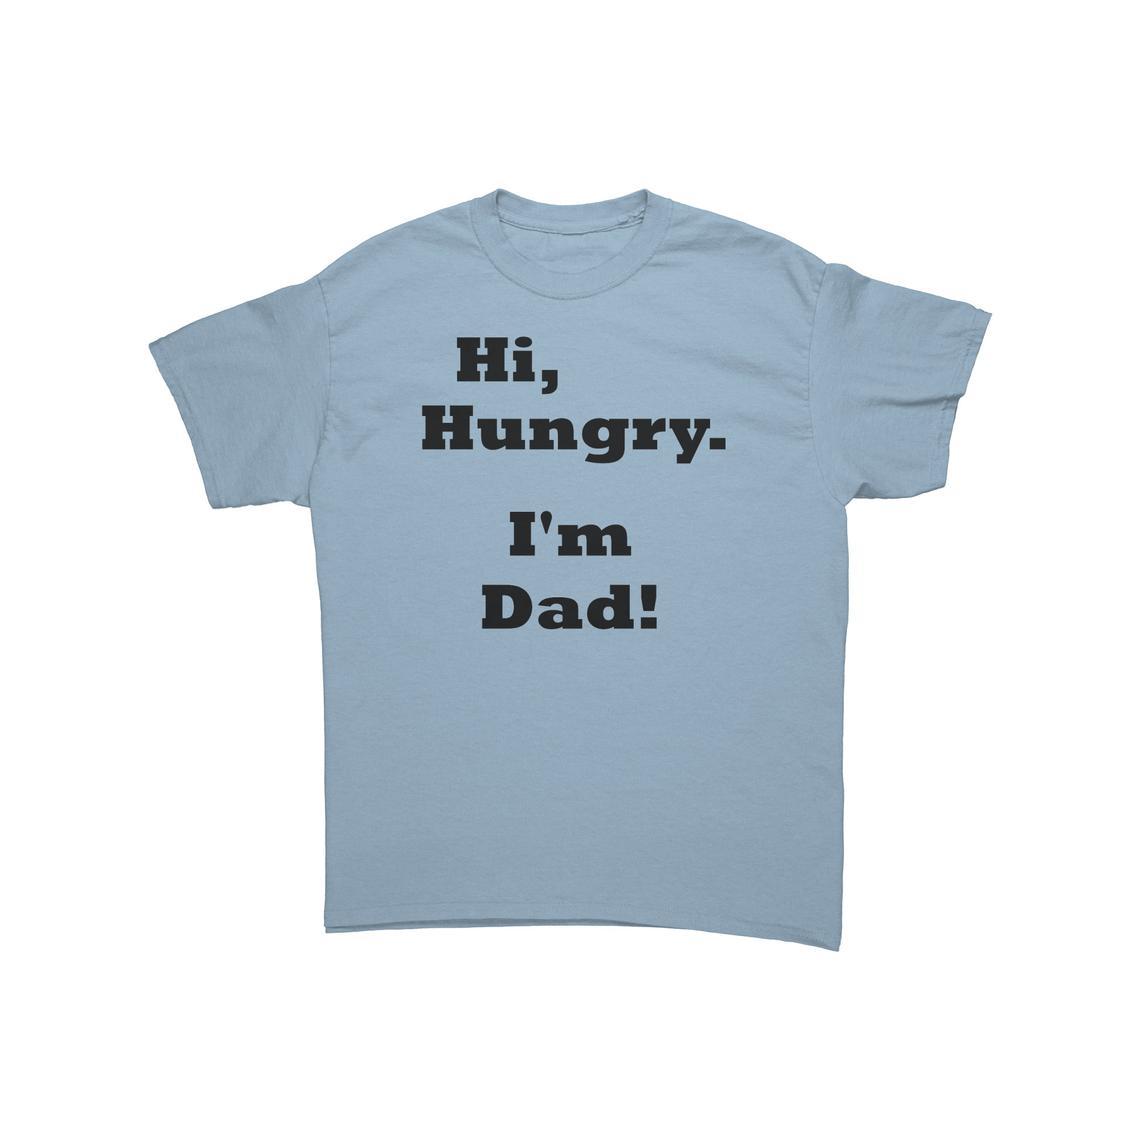 http://Hi%20Hungry%20Light%20T-Shirt